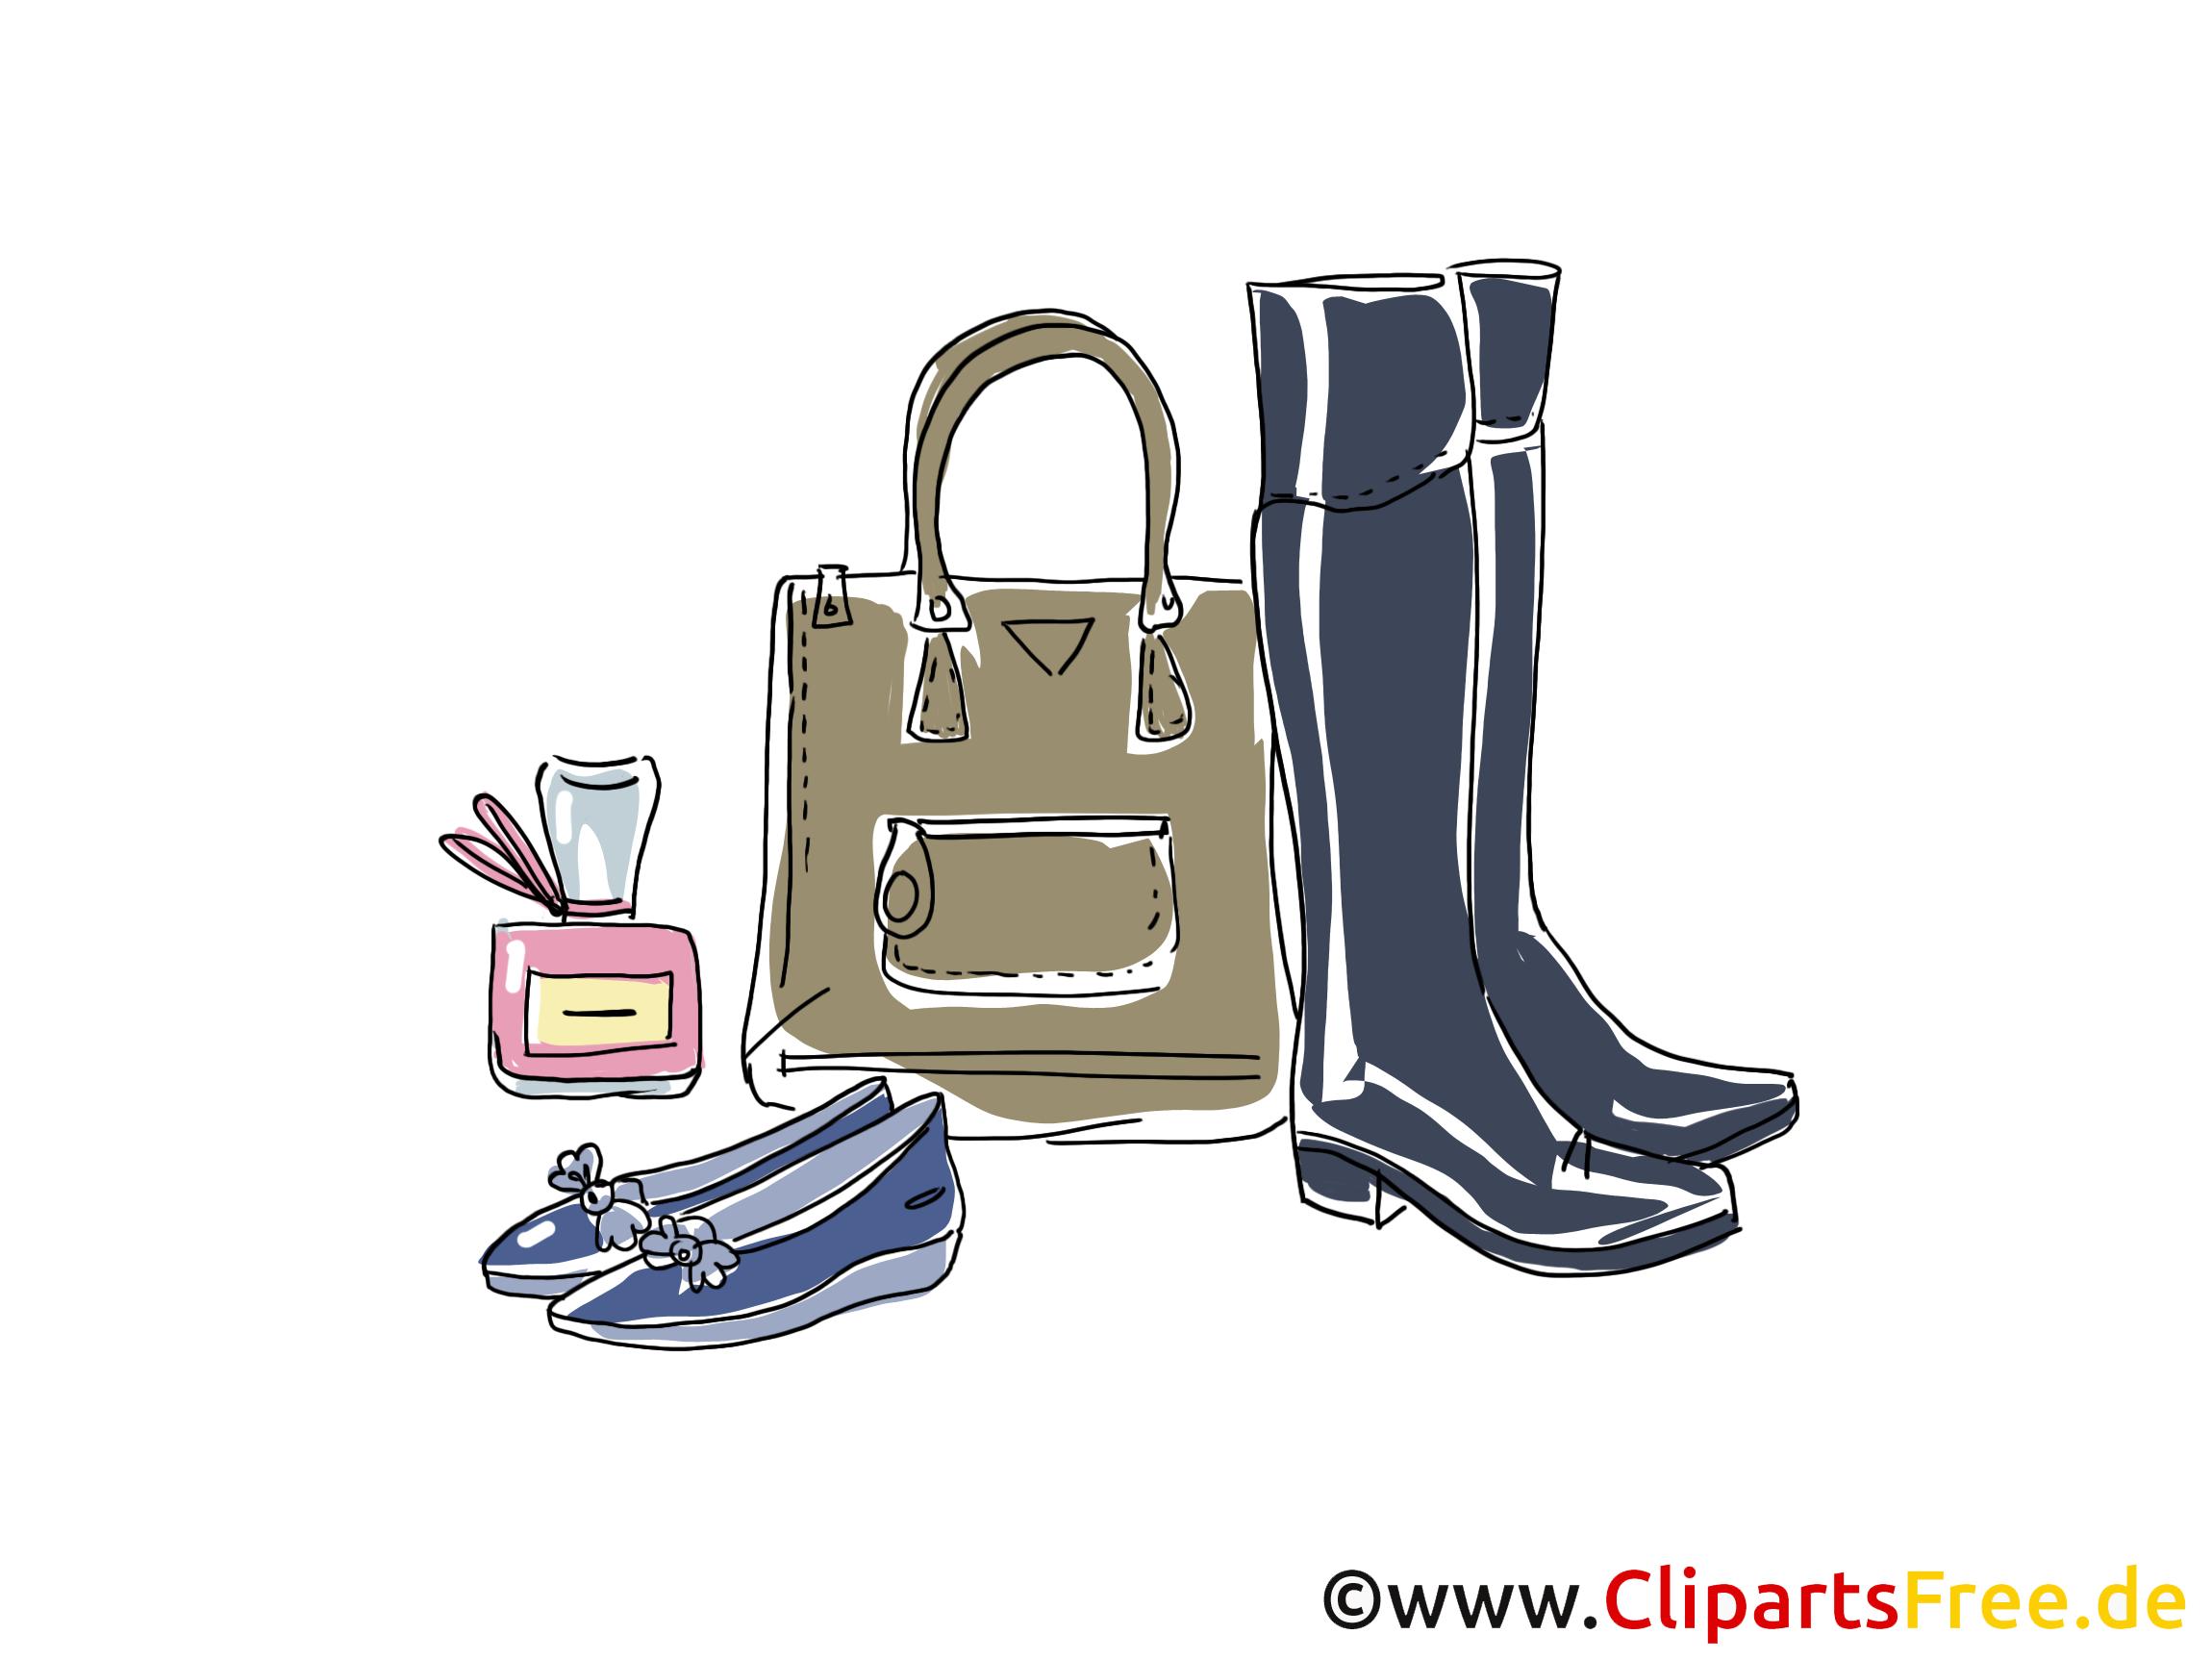 Lederwaren Clipart, Bild, Illustration, Grafik,  Image kostenlos